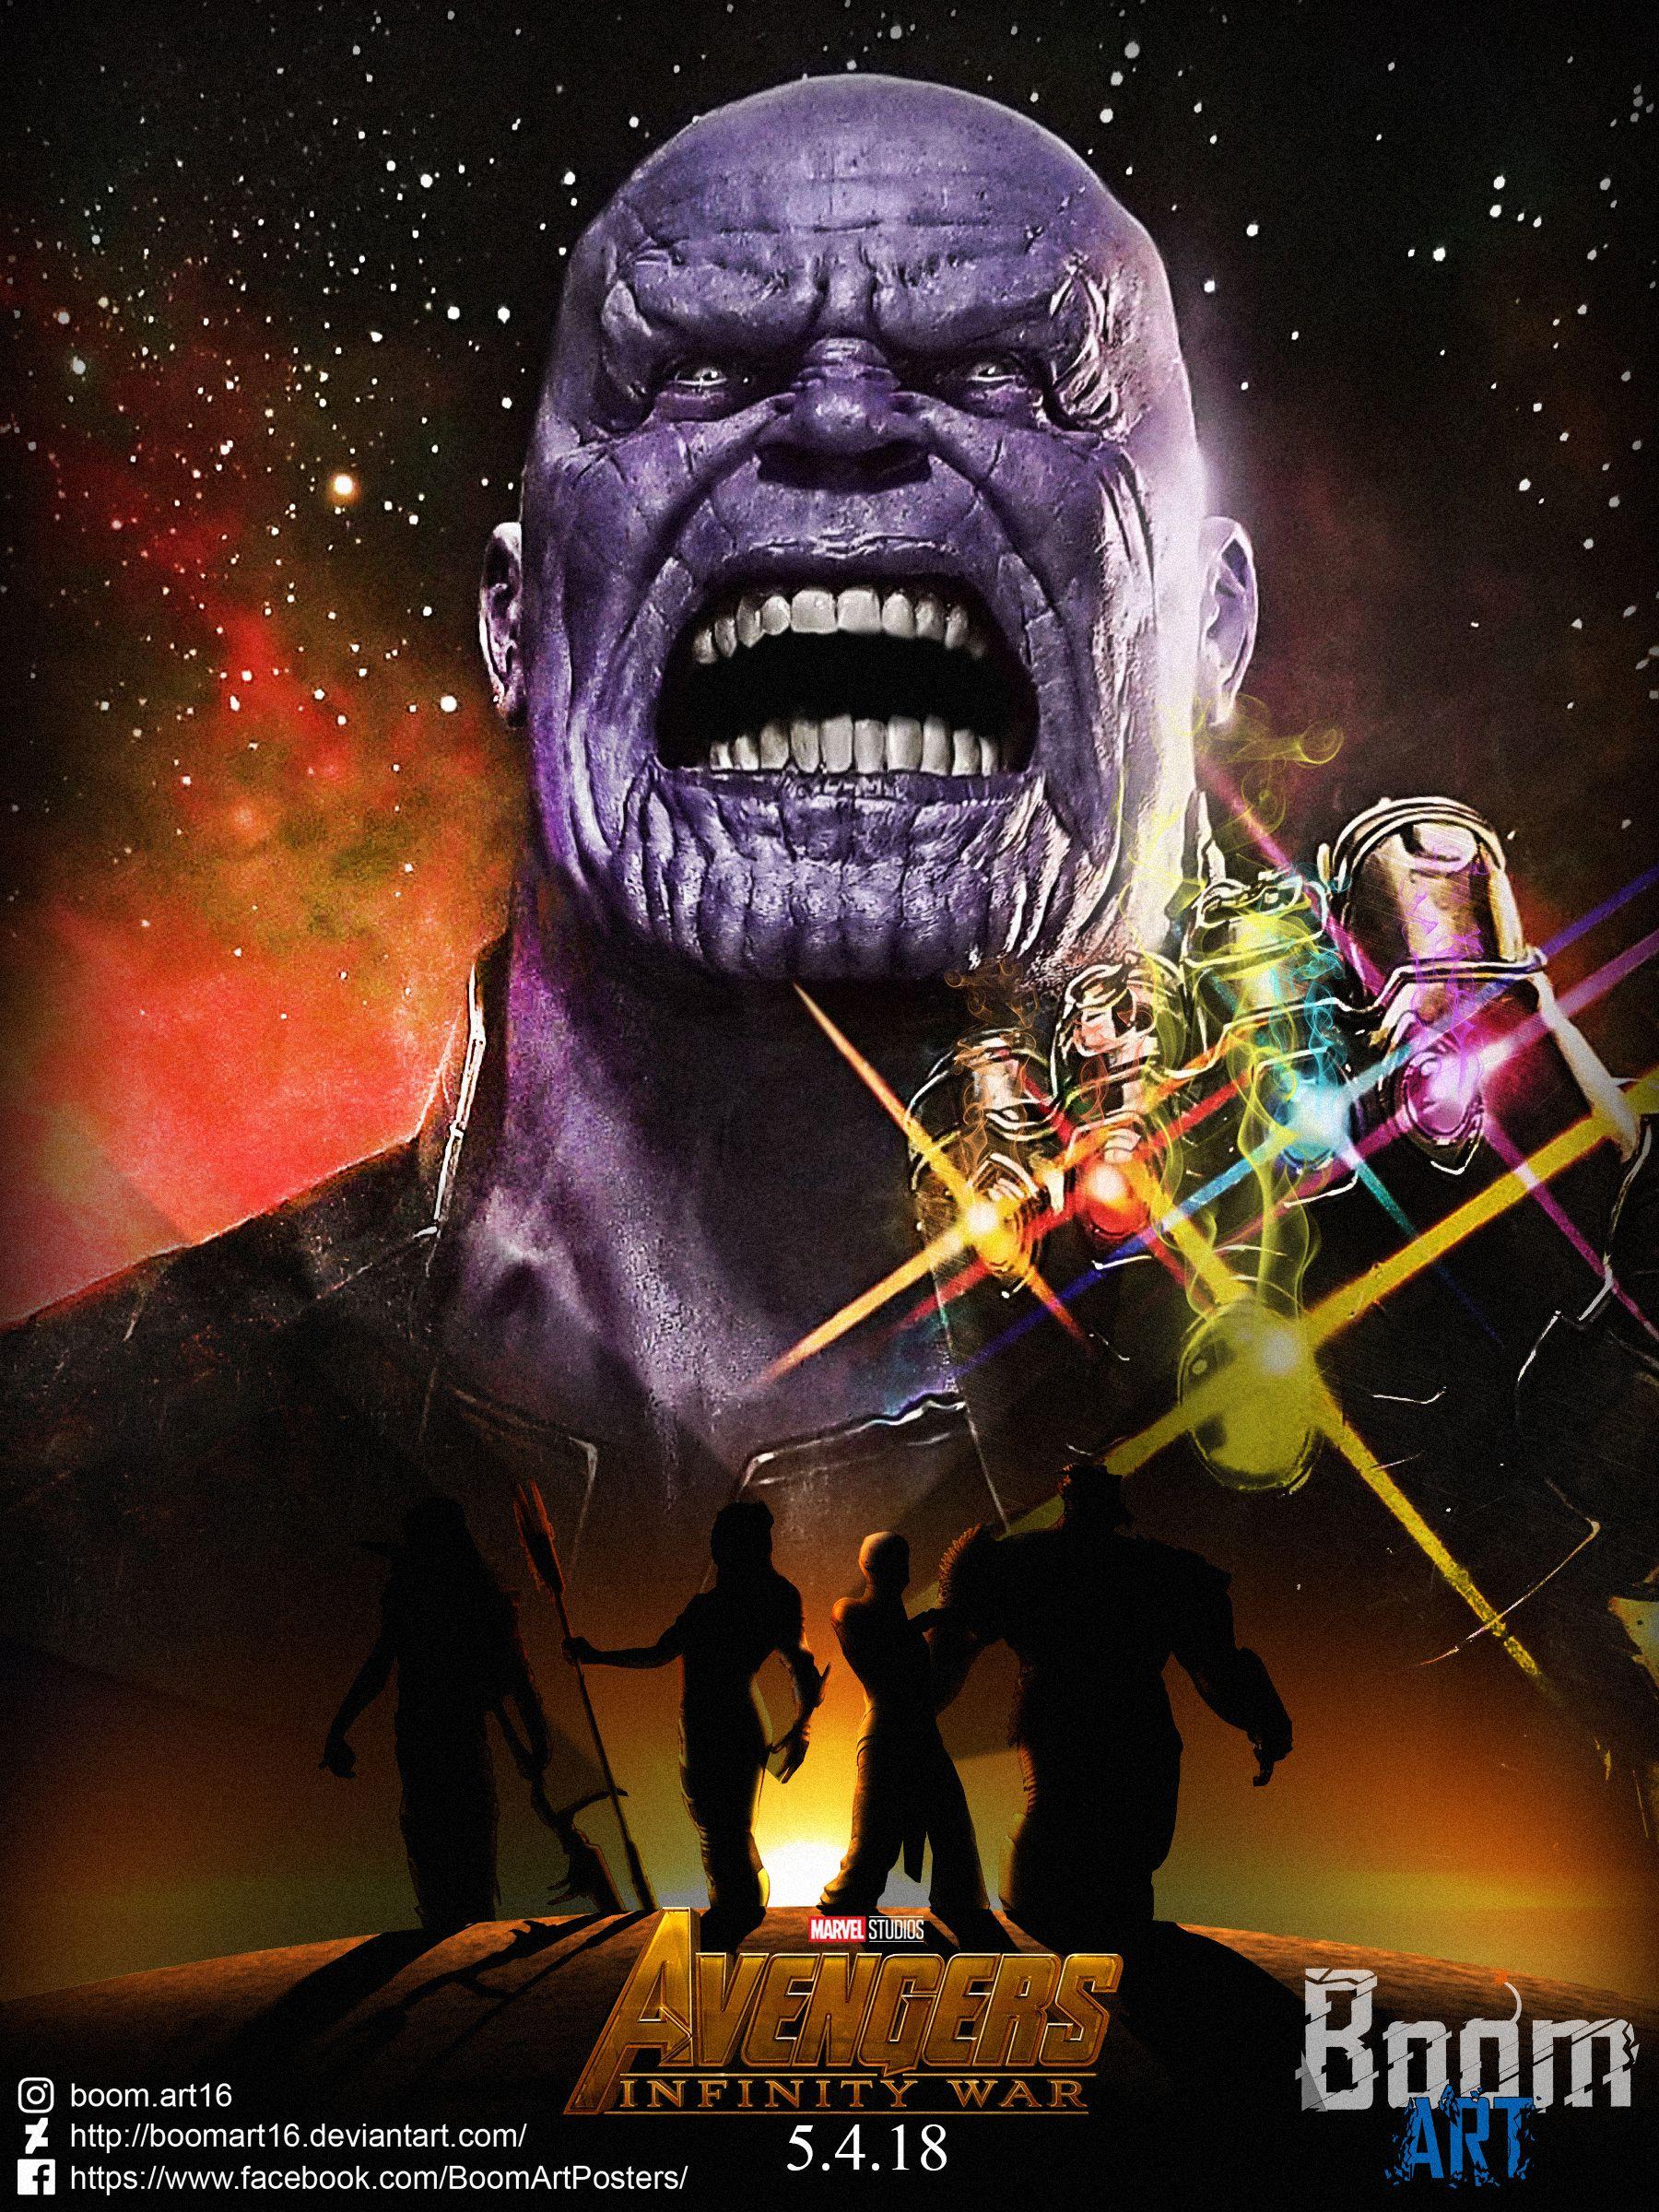 Best Vision Wanda Infinity War Wallpaper - 3333a98b253756c5a34fdf4d56c112d5  Image_807352 .jpg